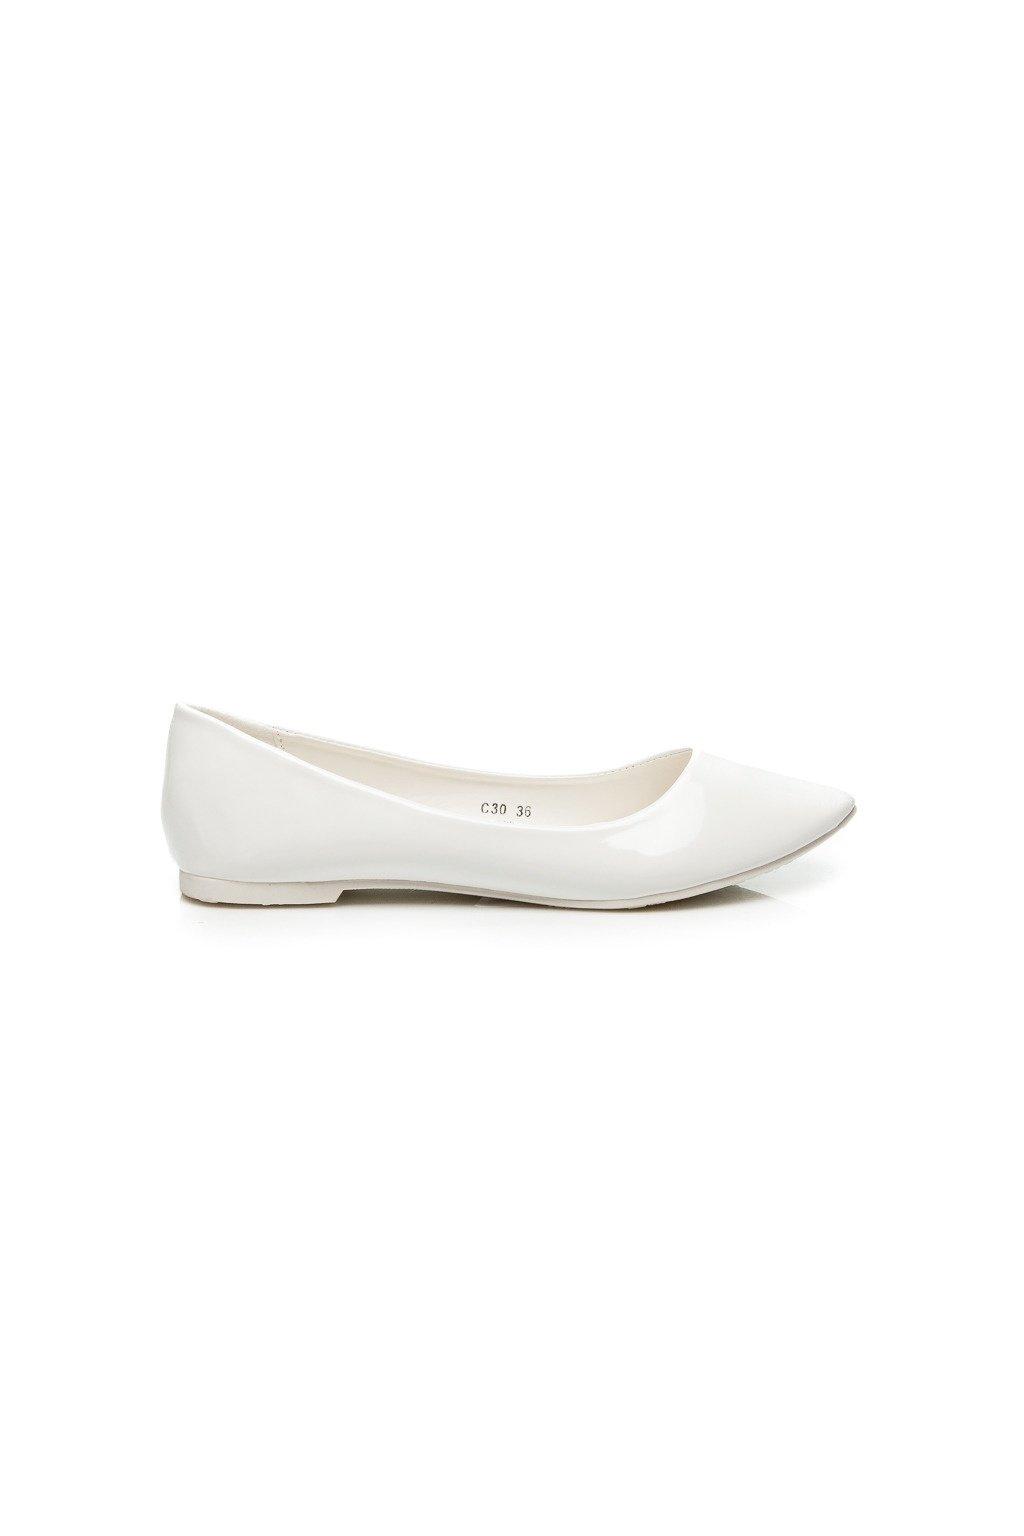 Biele balerínky DAISY C30W 5e8176b117d